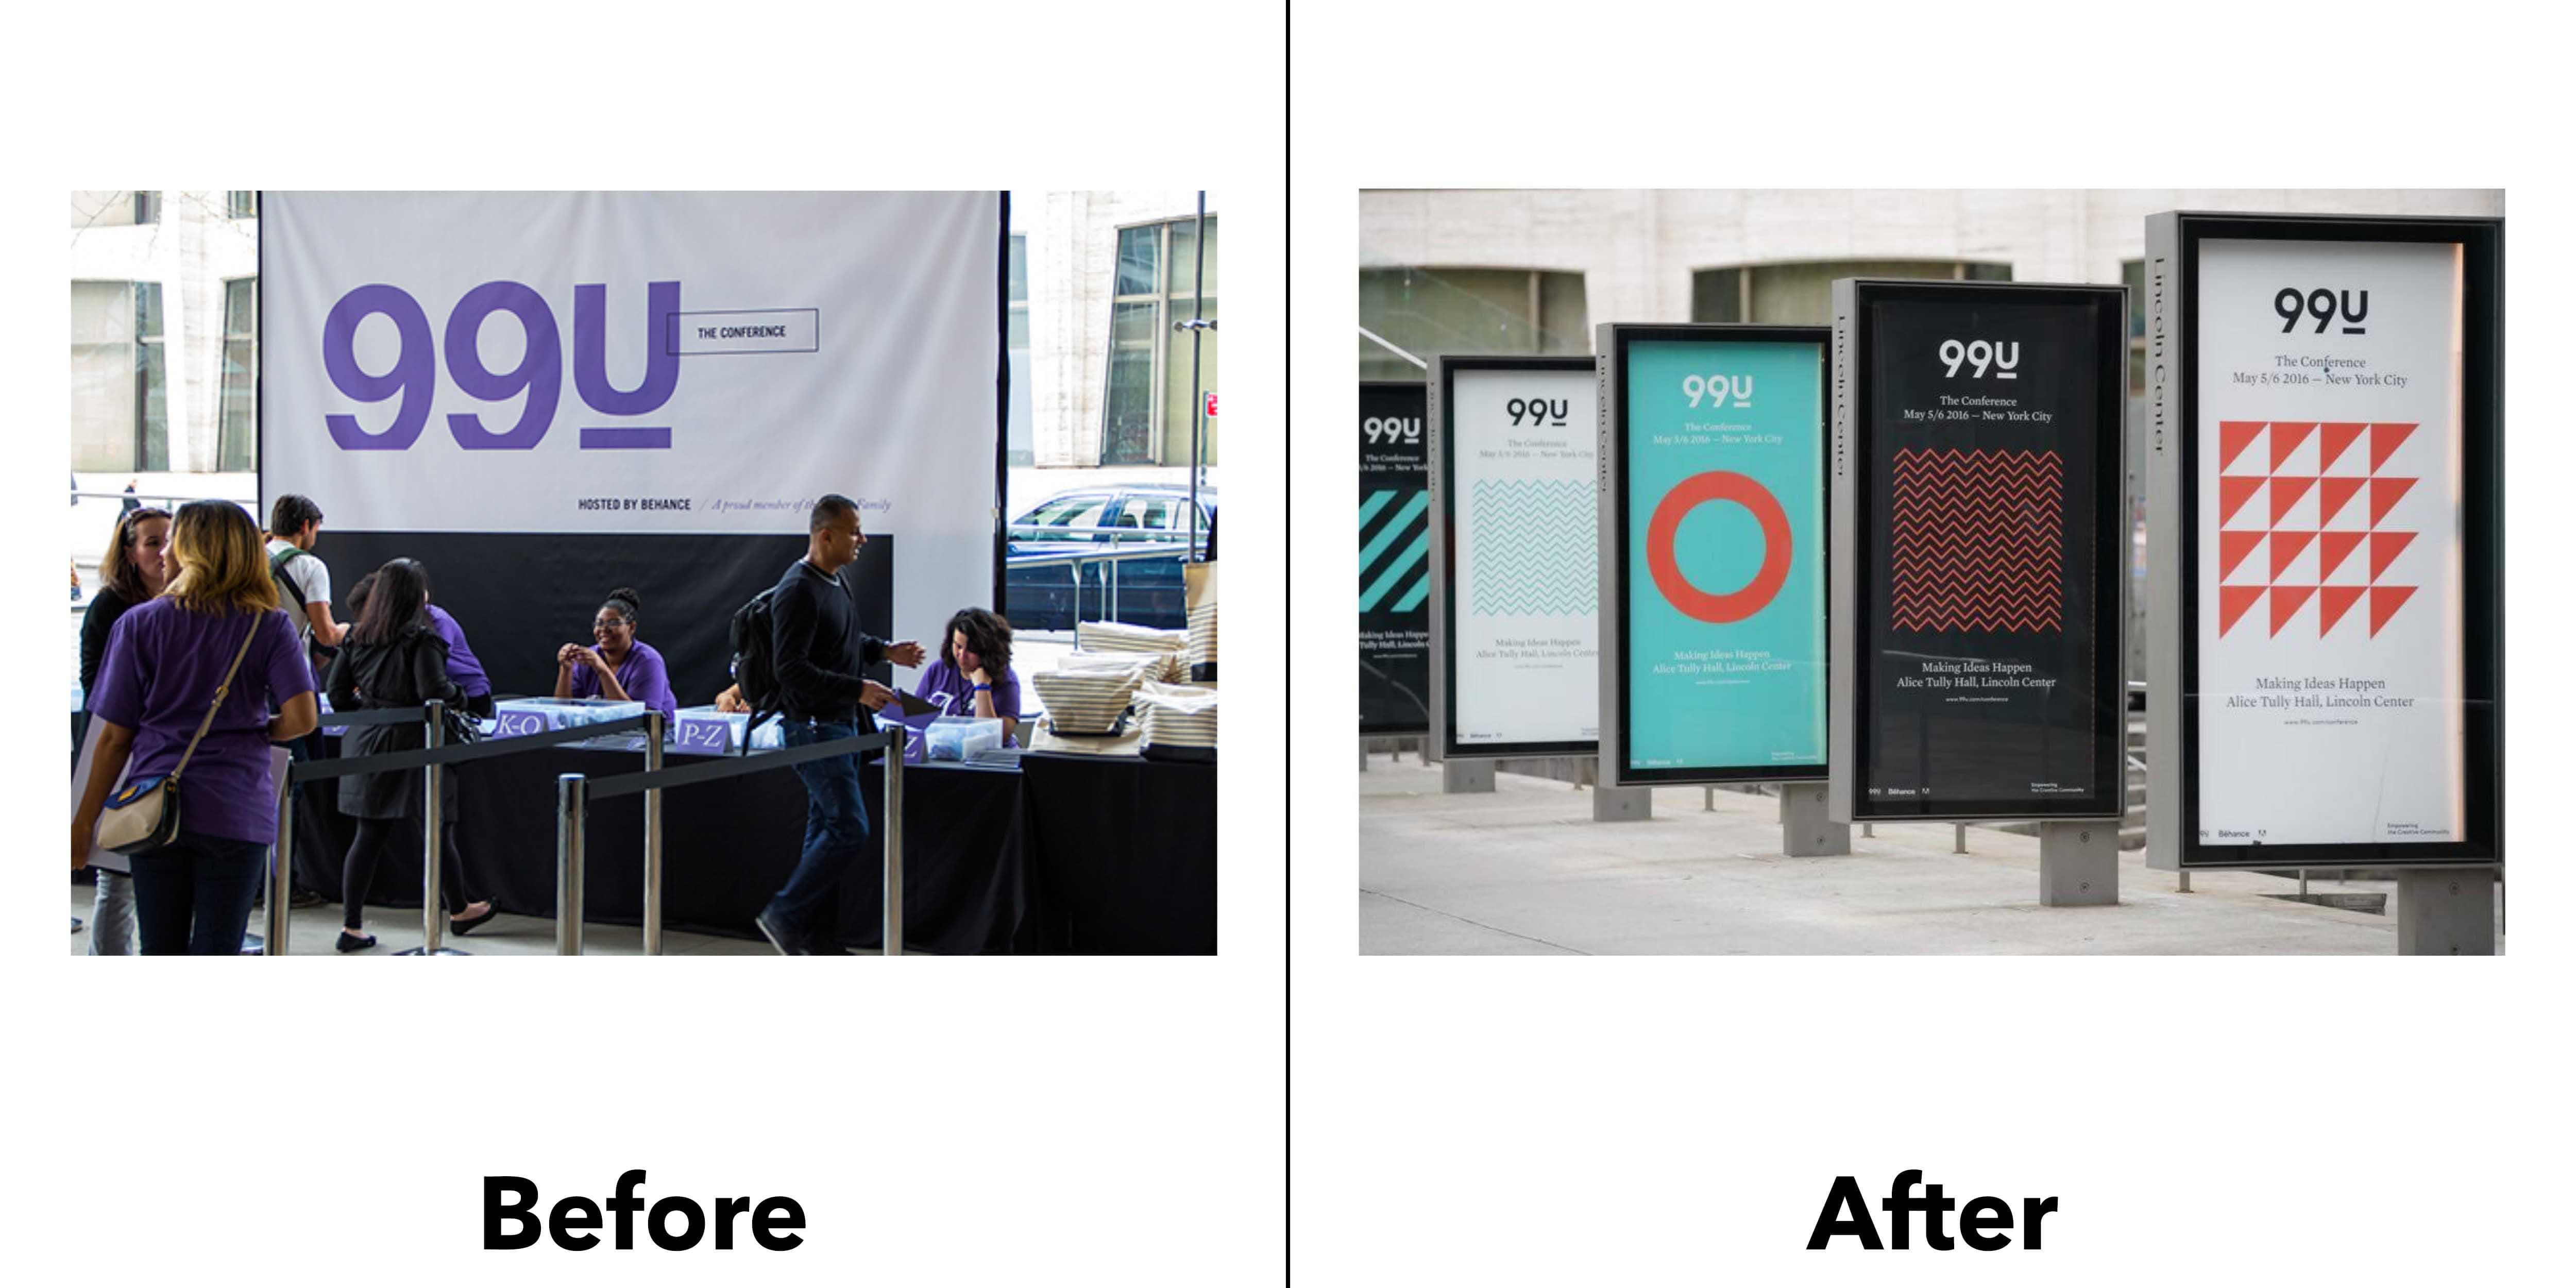 logo 99u trước và sau